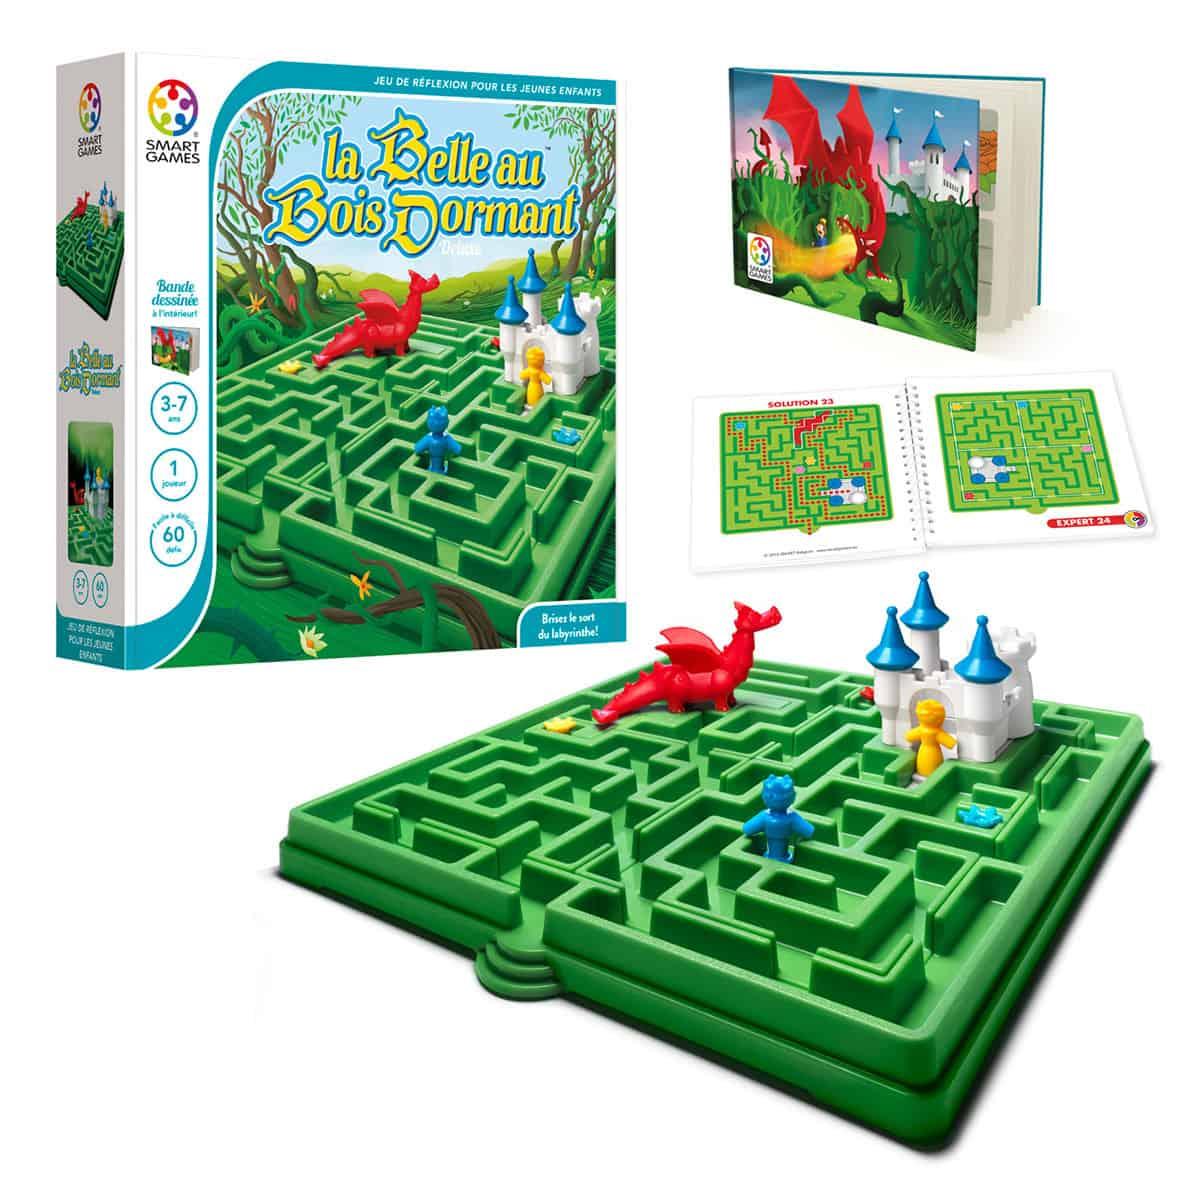 SmartGames : des jeux de logique pour toute la famille